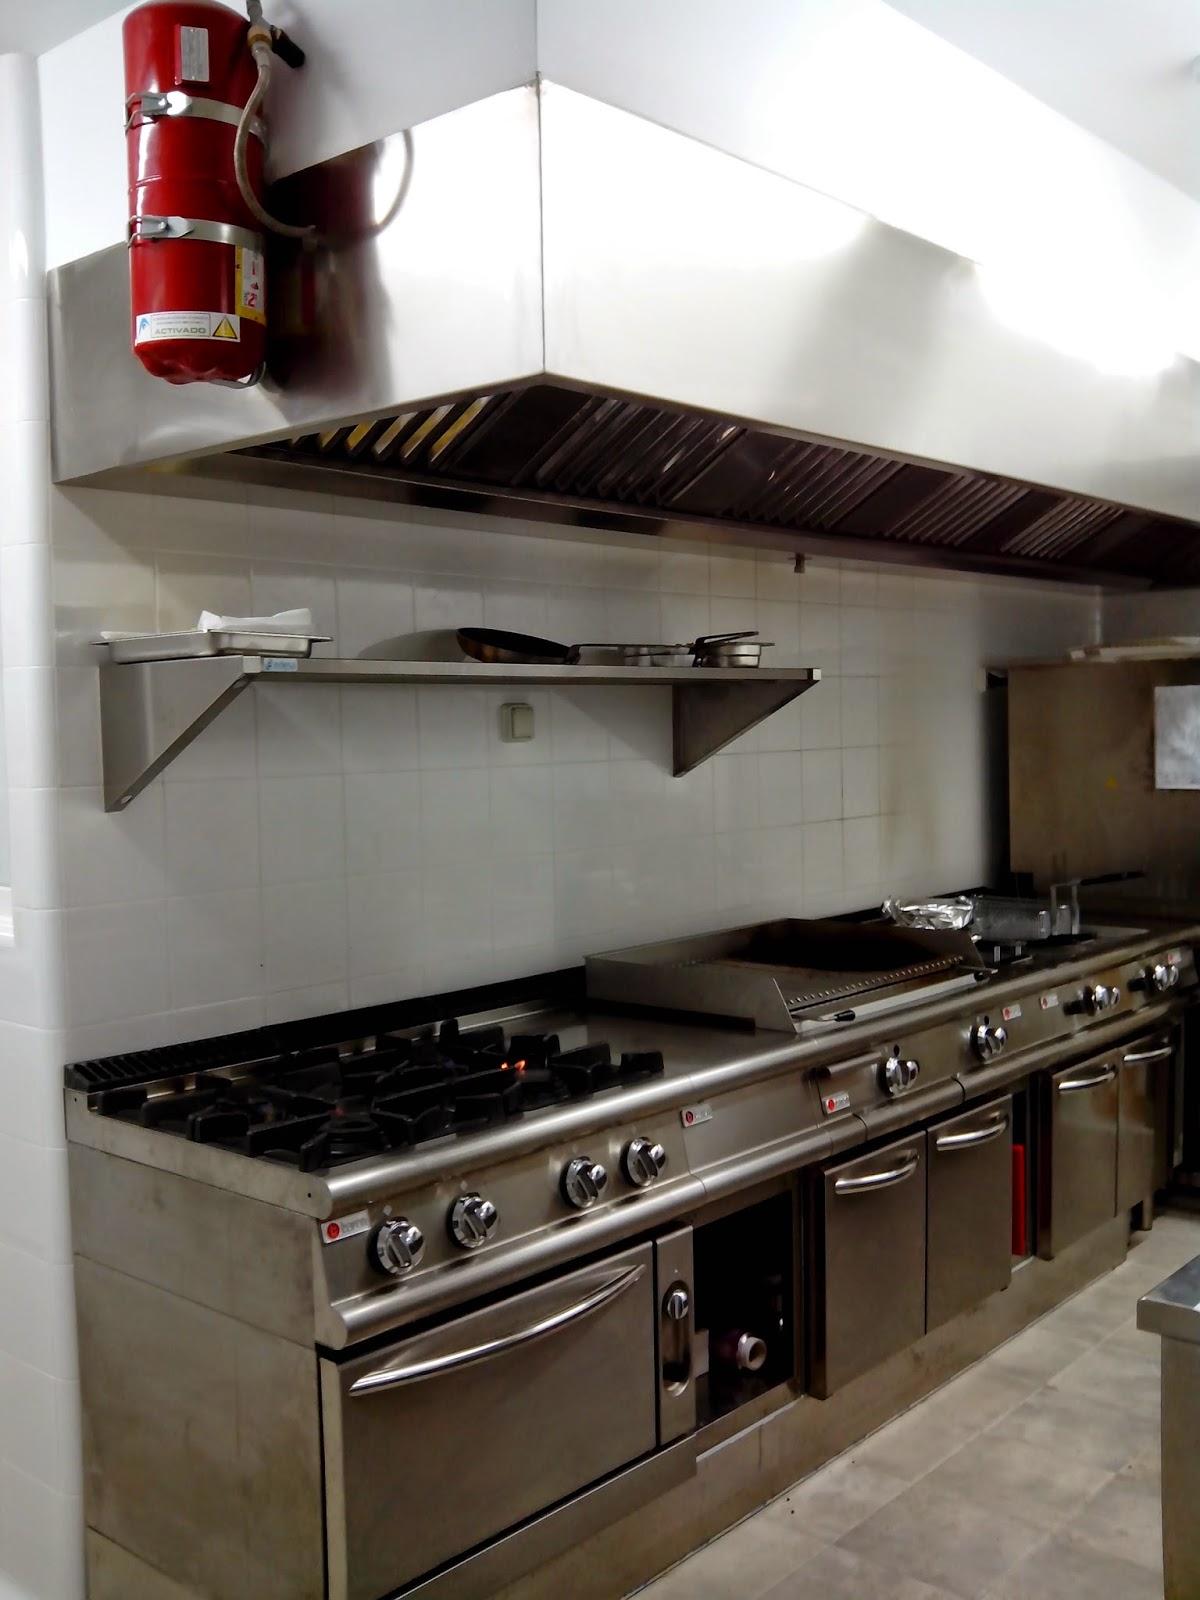 Humiclima en abril se inaugura el primer hotel ryans en ibiza for Bar para cocina